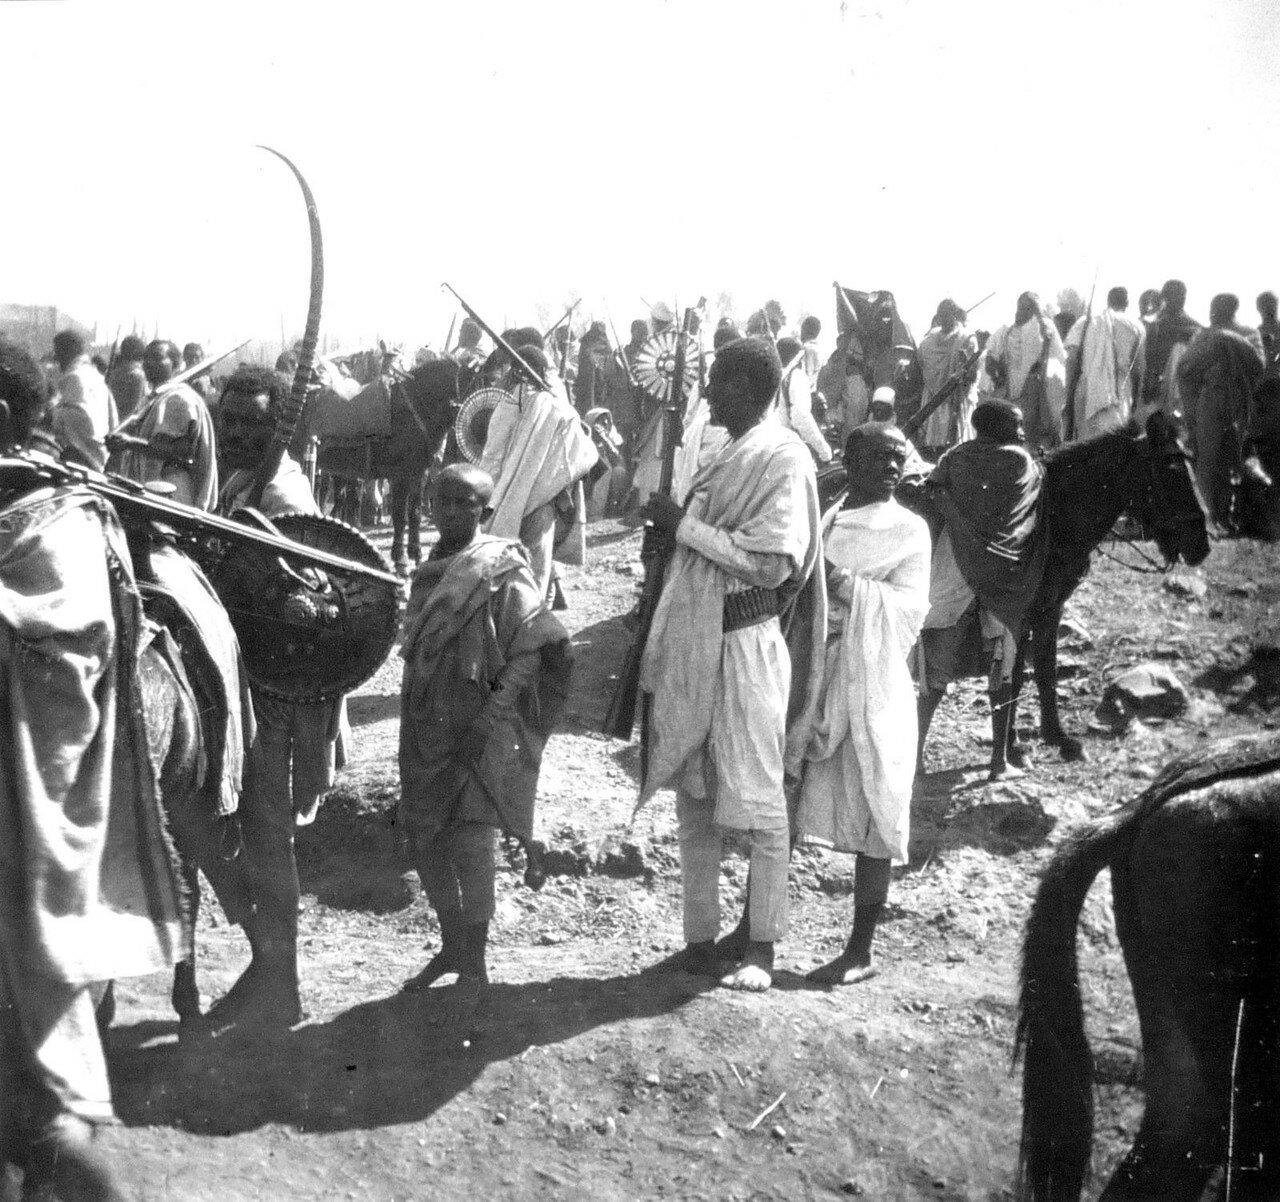 1897. Абиссиния. Эфиопы сопровождающие императора Менелика II на дороге Джибутти - Аддис-Абеба